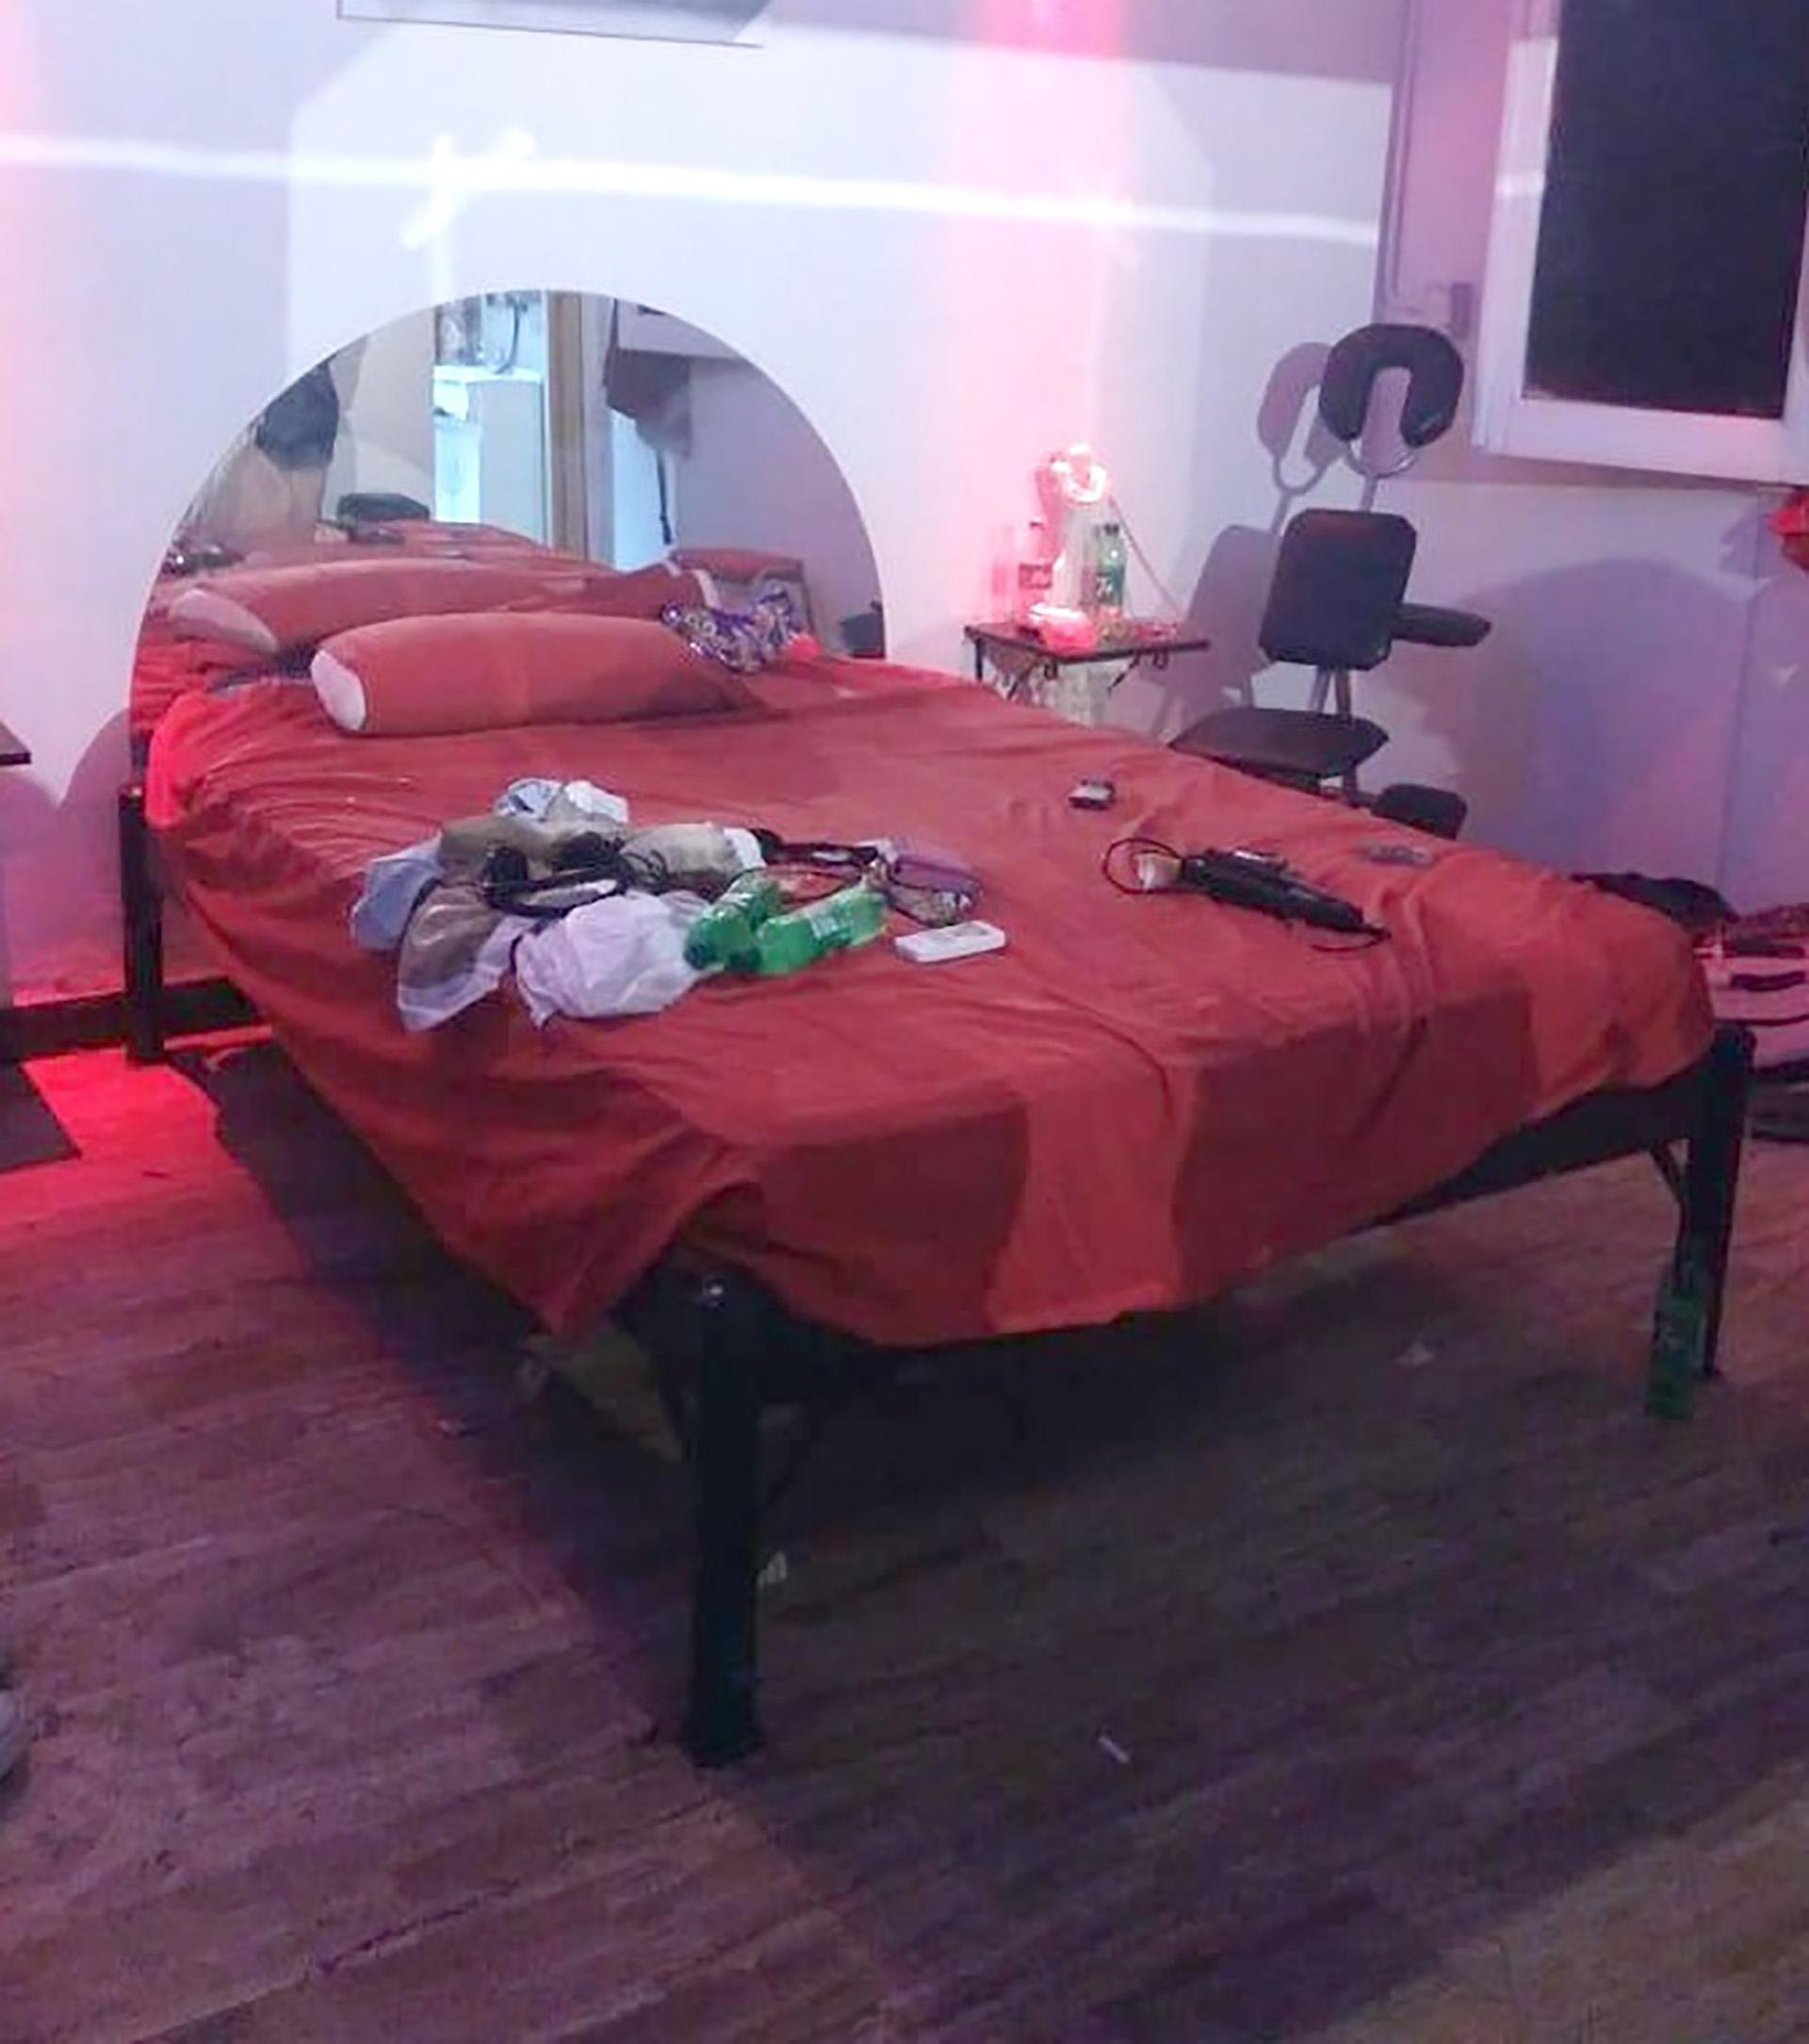 Así era la habitación de uno de los prostíbulos